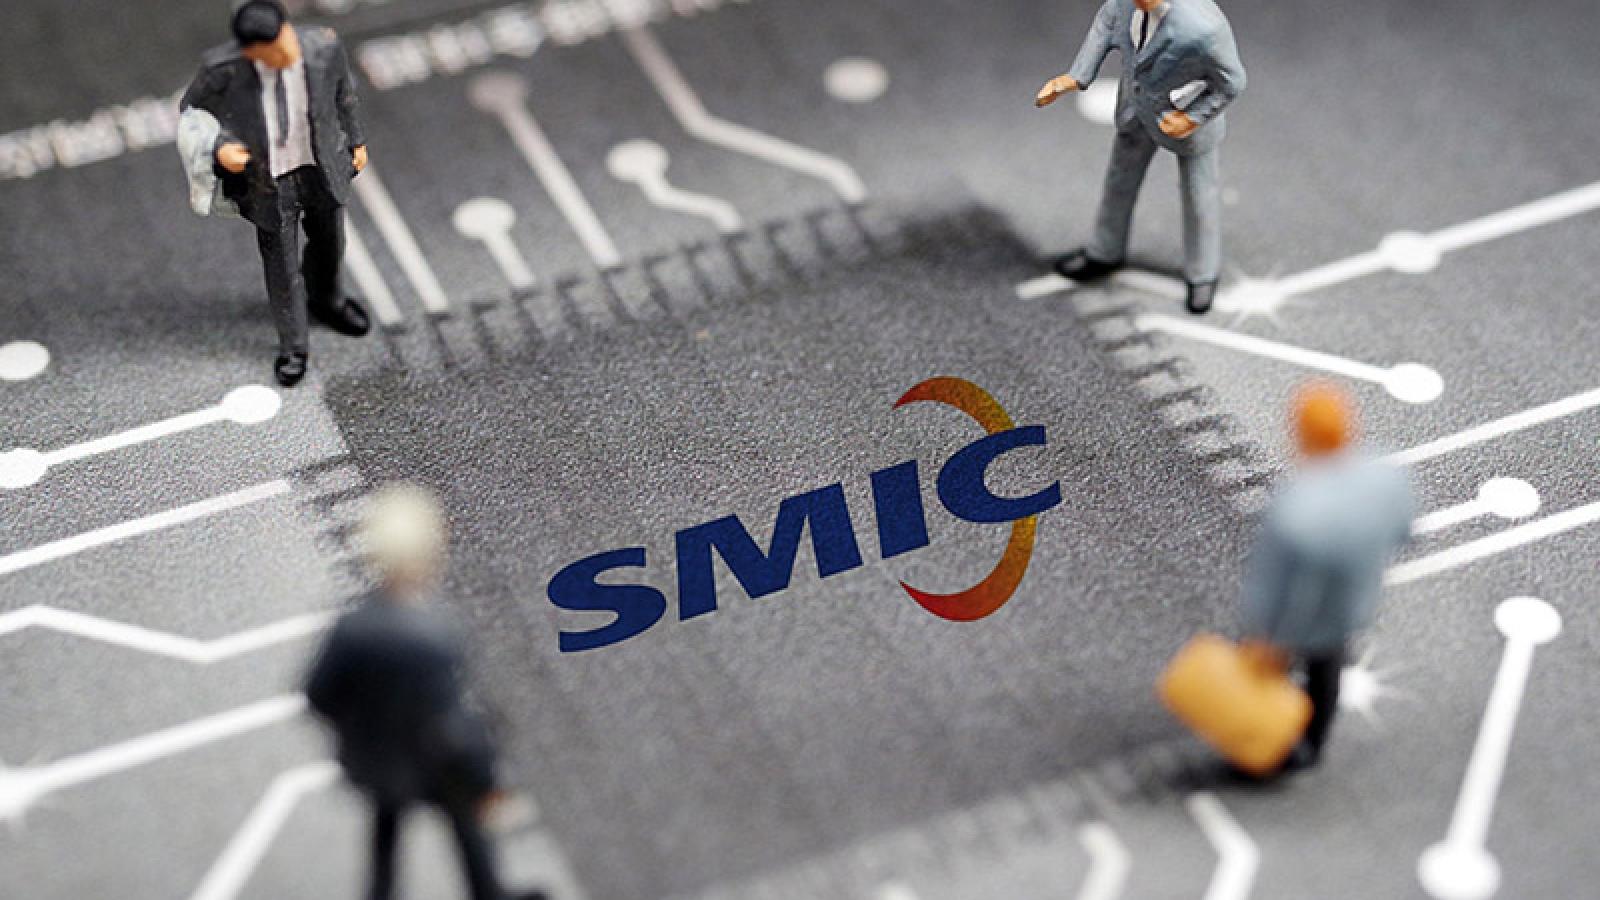 SMIC: Lệnh cấm của Mỹ sẽ ảnh hưởng đến sự phát triển chip tiên tiến